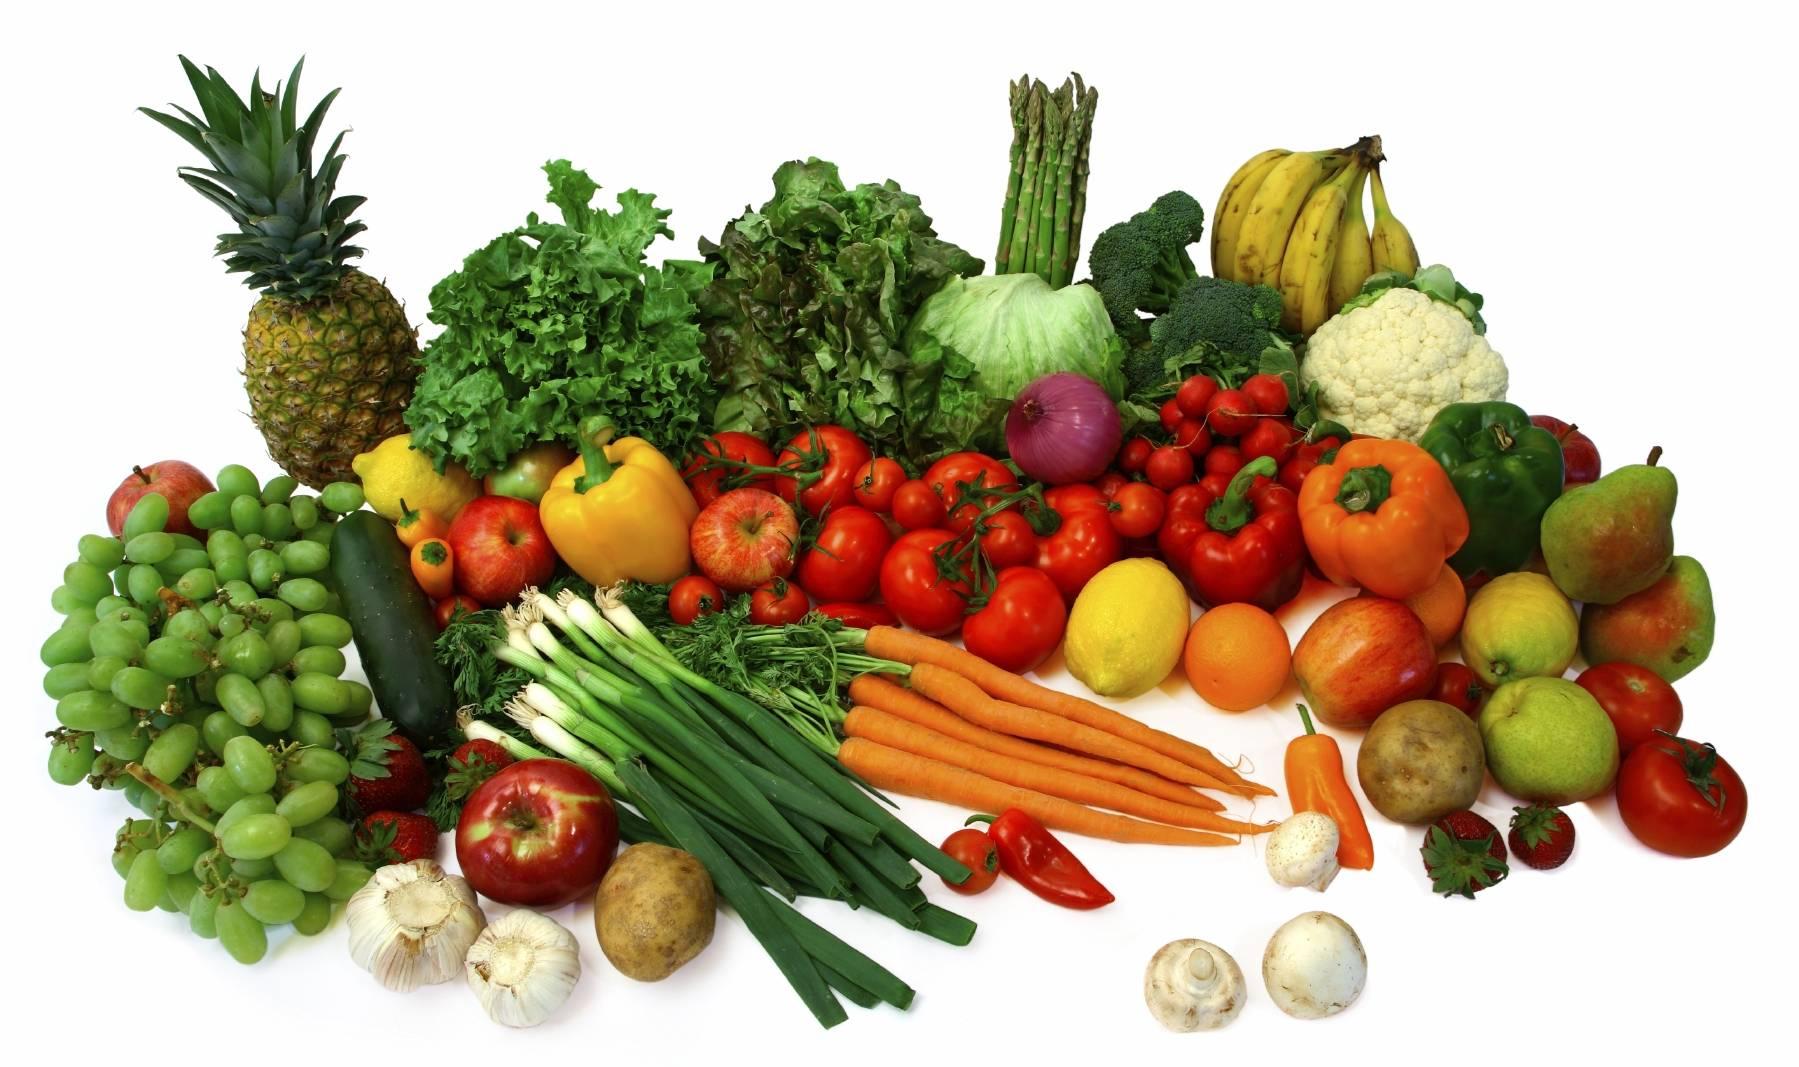 میوه و سبزیجات خام